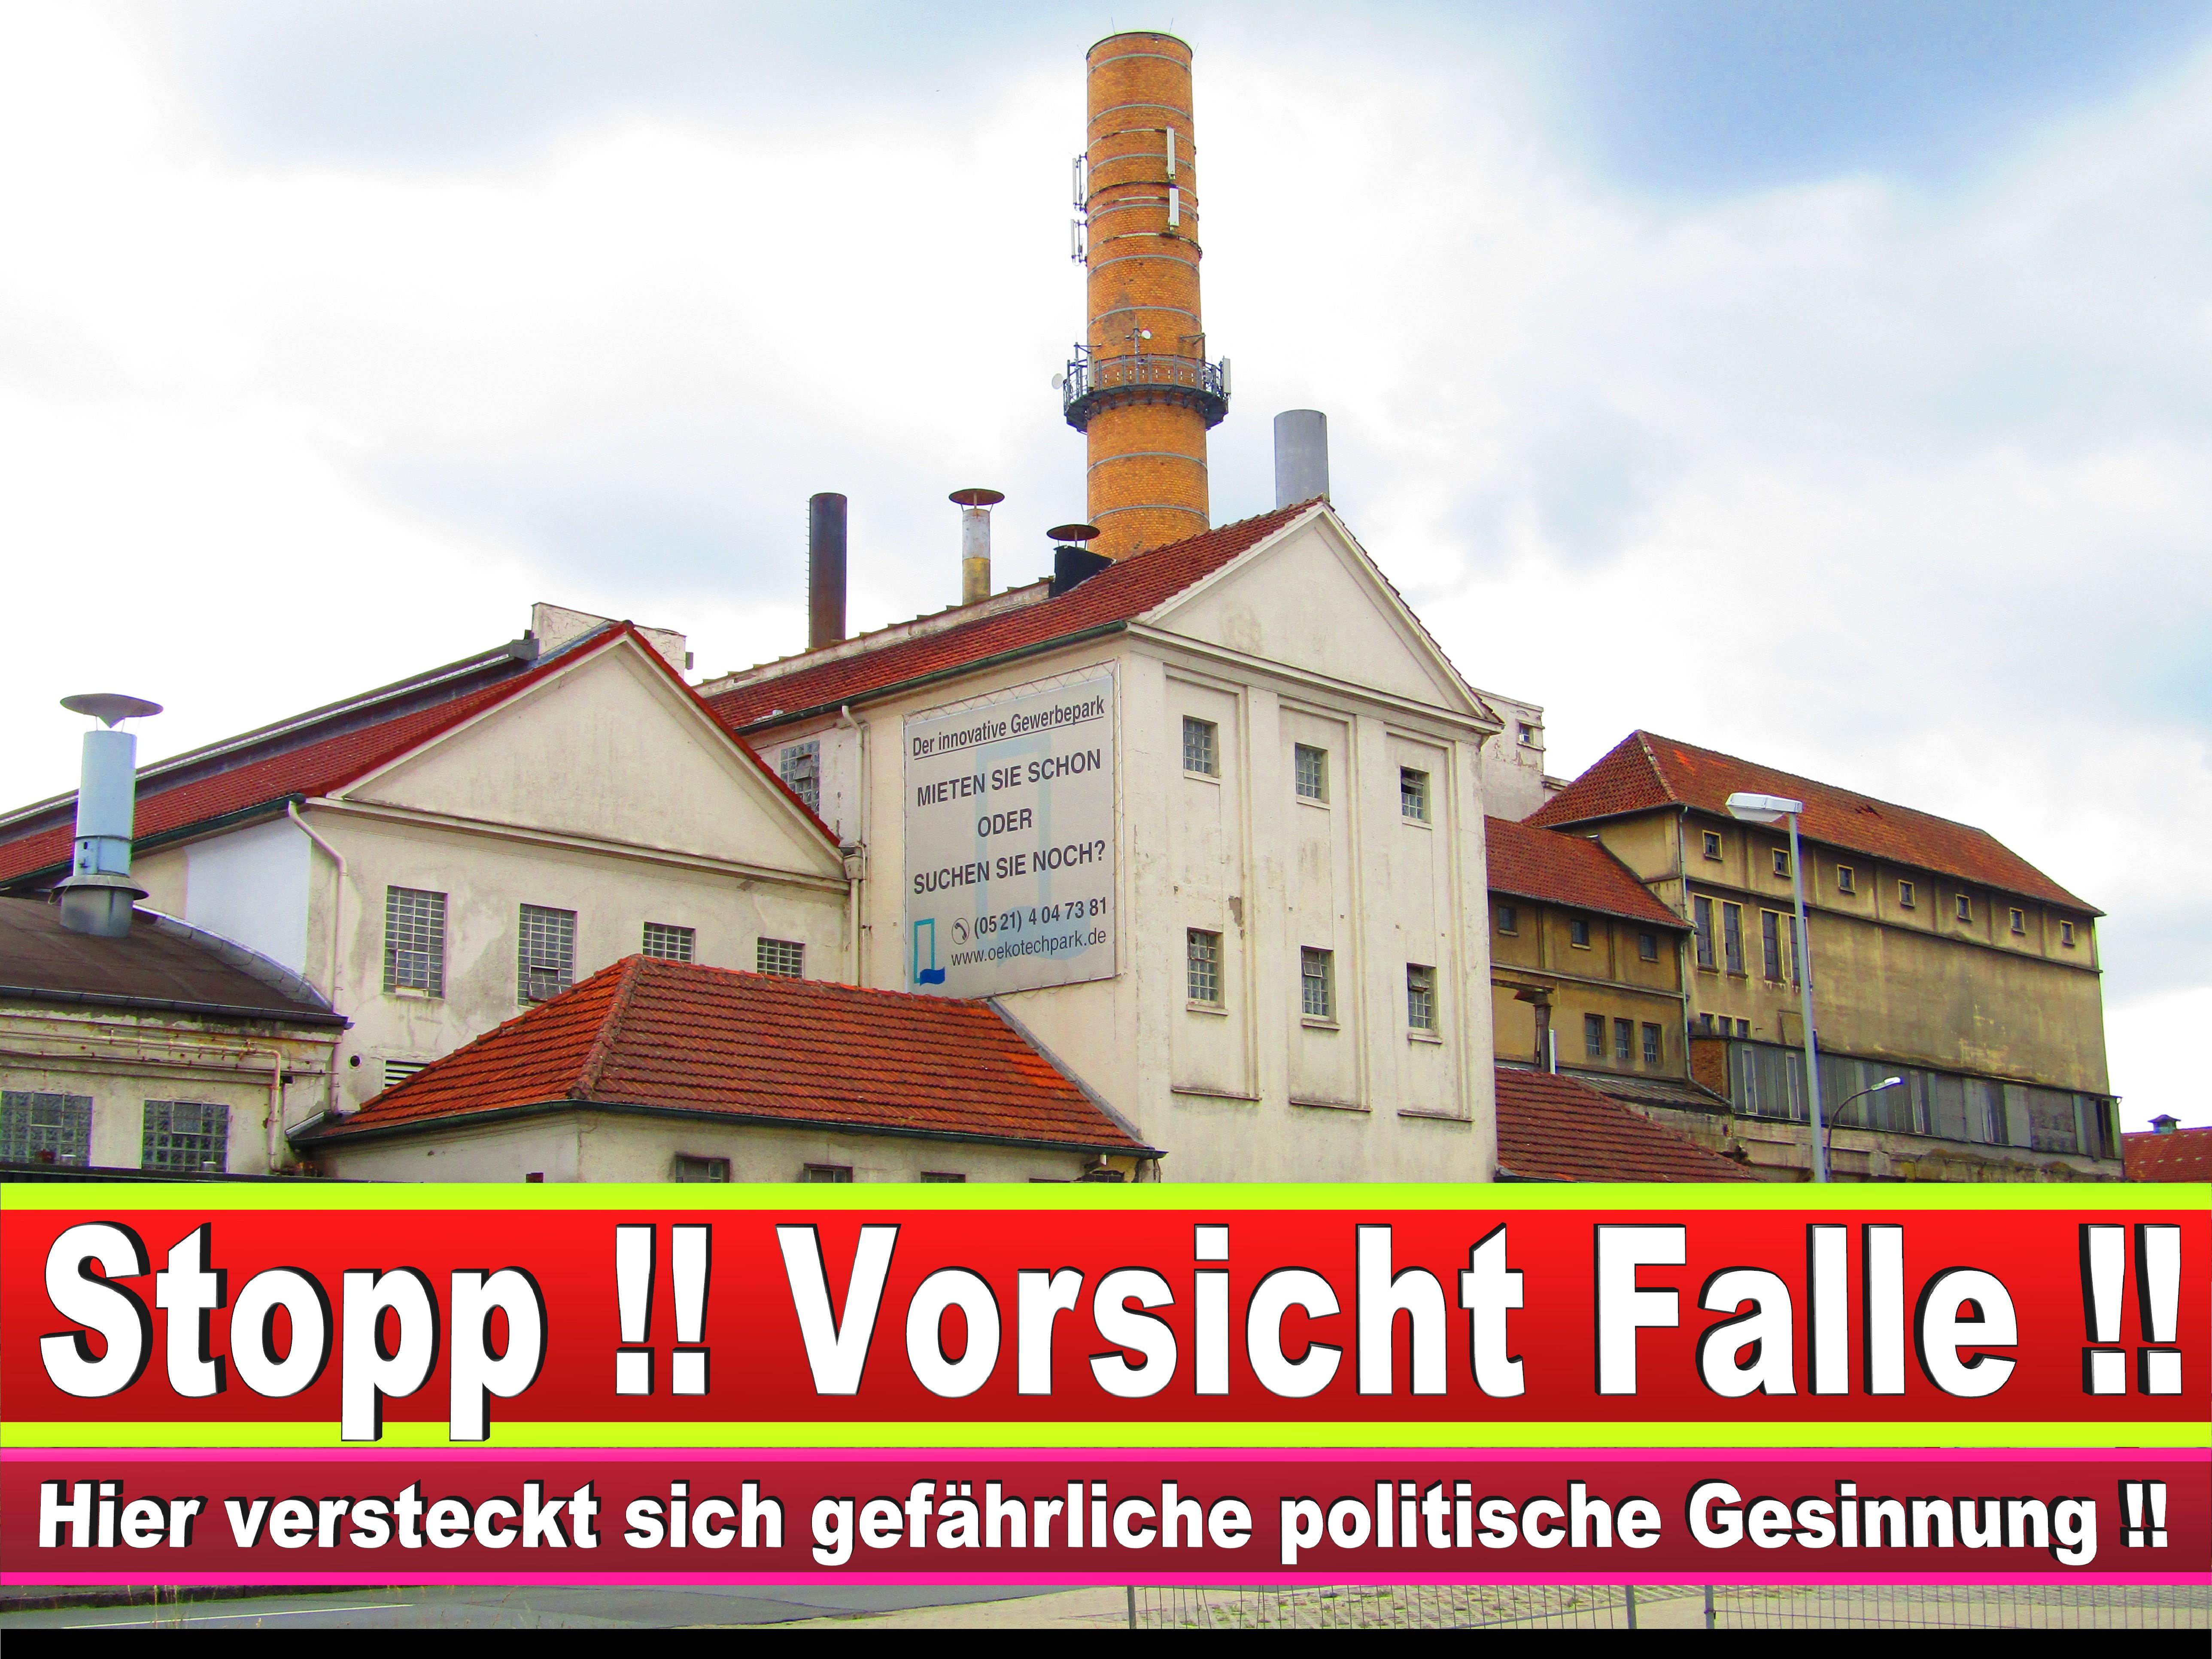 THIRD ELEMENT AVIATION GMBH John Erland Oestergaard Krackser Str 12 Bielefeld